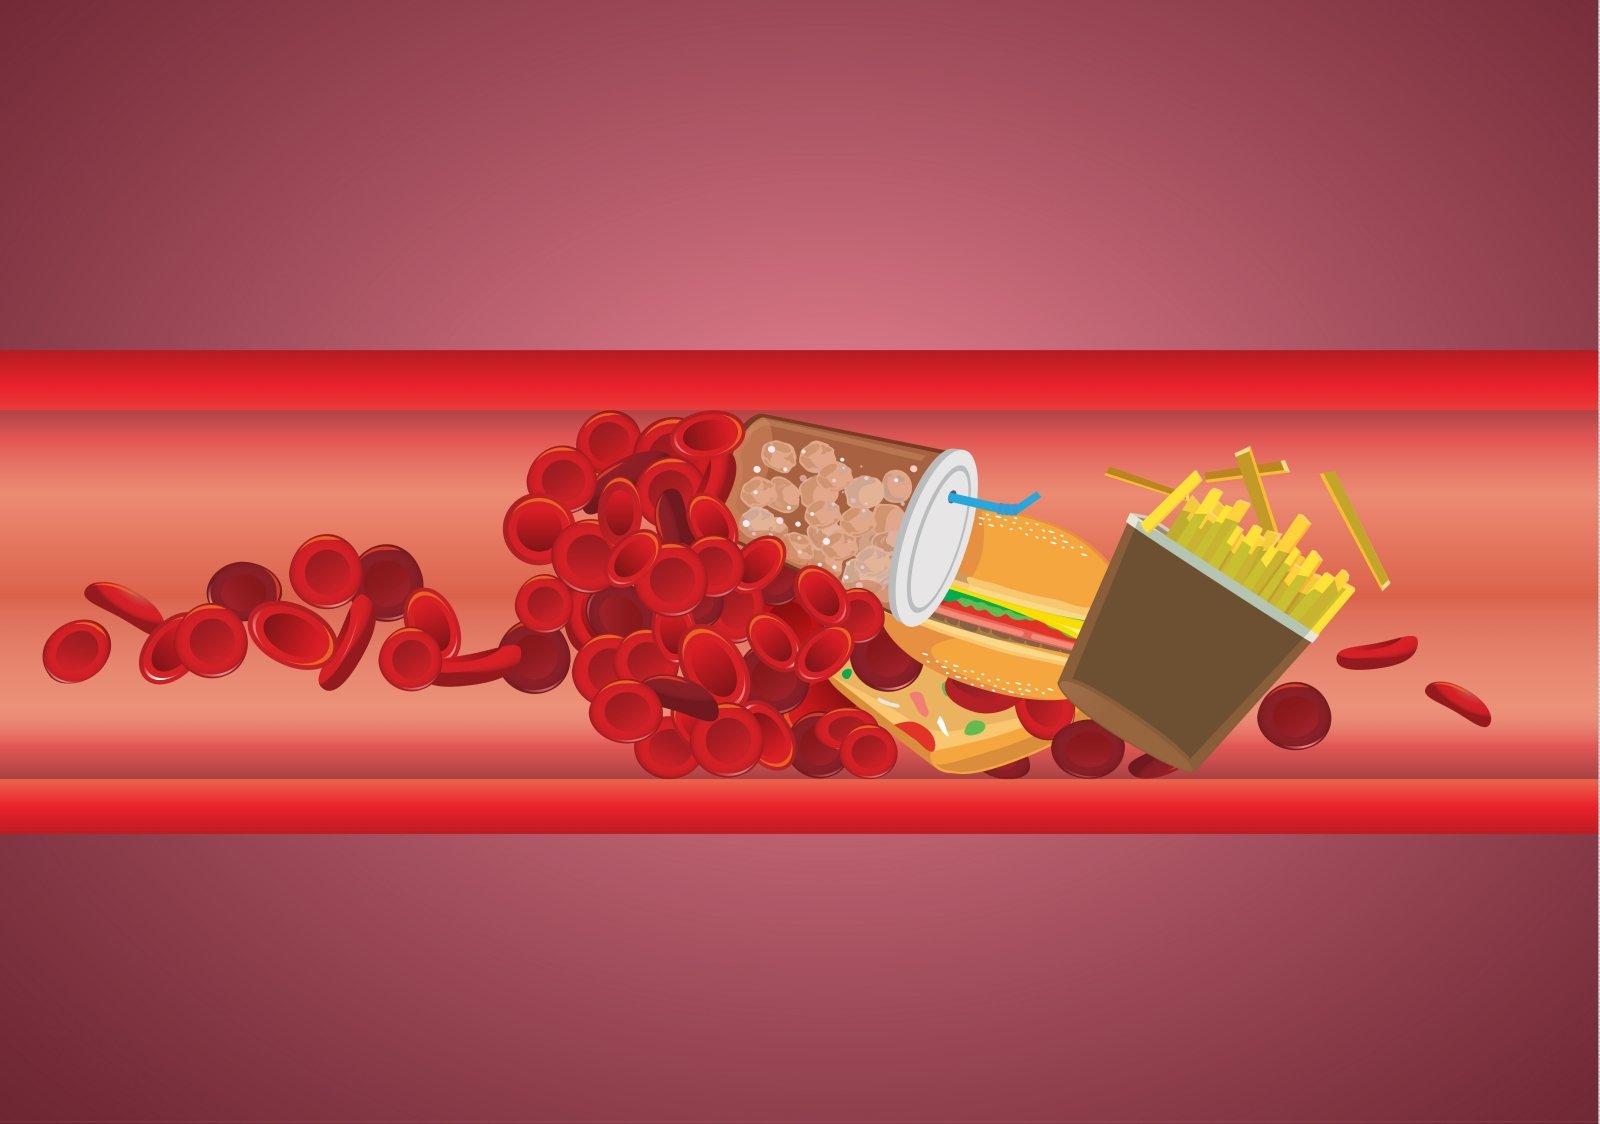 Cholesterolio dieta